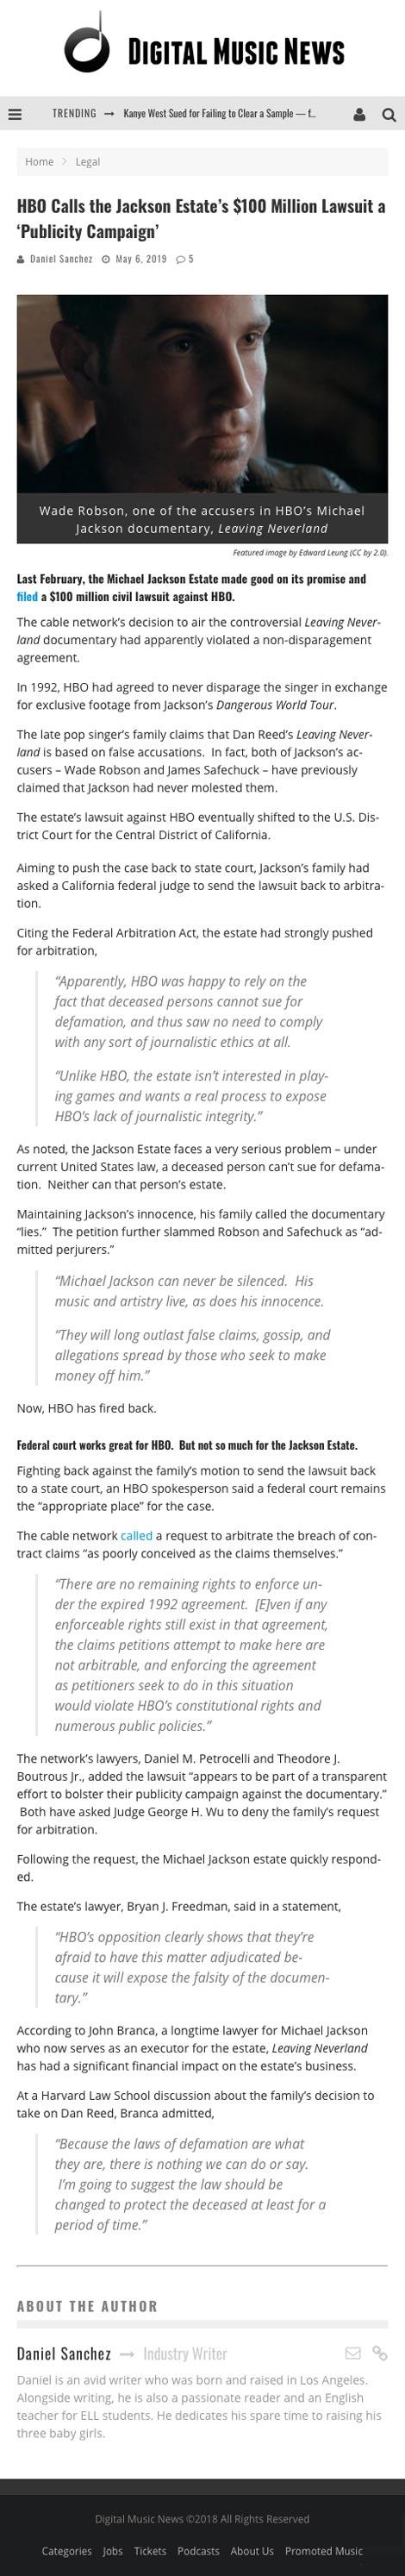 HBO Calls the Jackson Estate's $100 Million Lawsuit a 'Publicity Campaign' - article by DigitalMusicNews.com